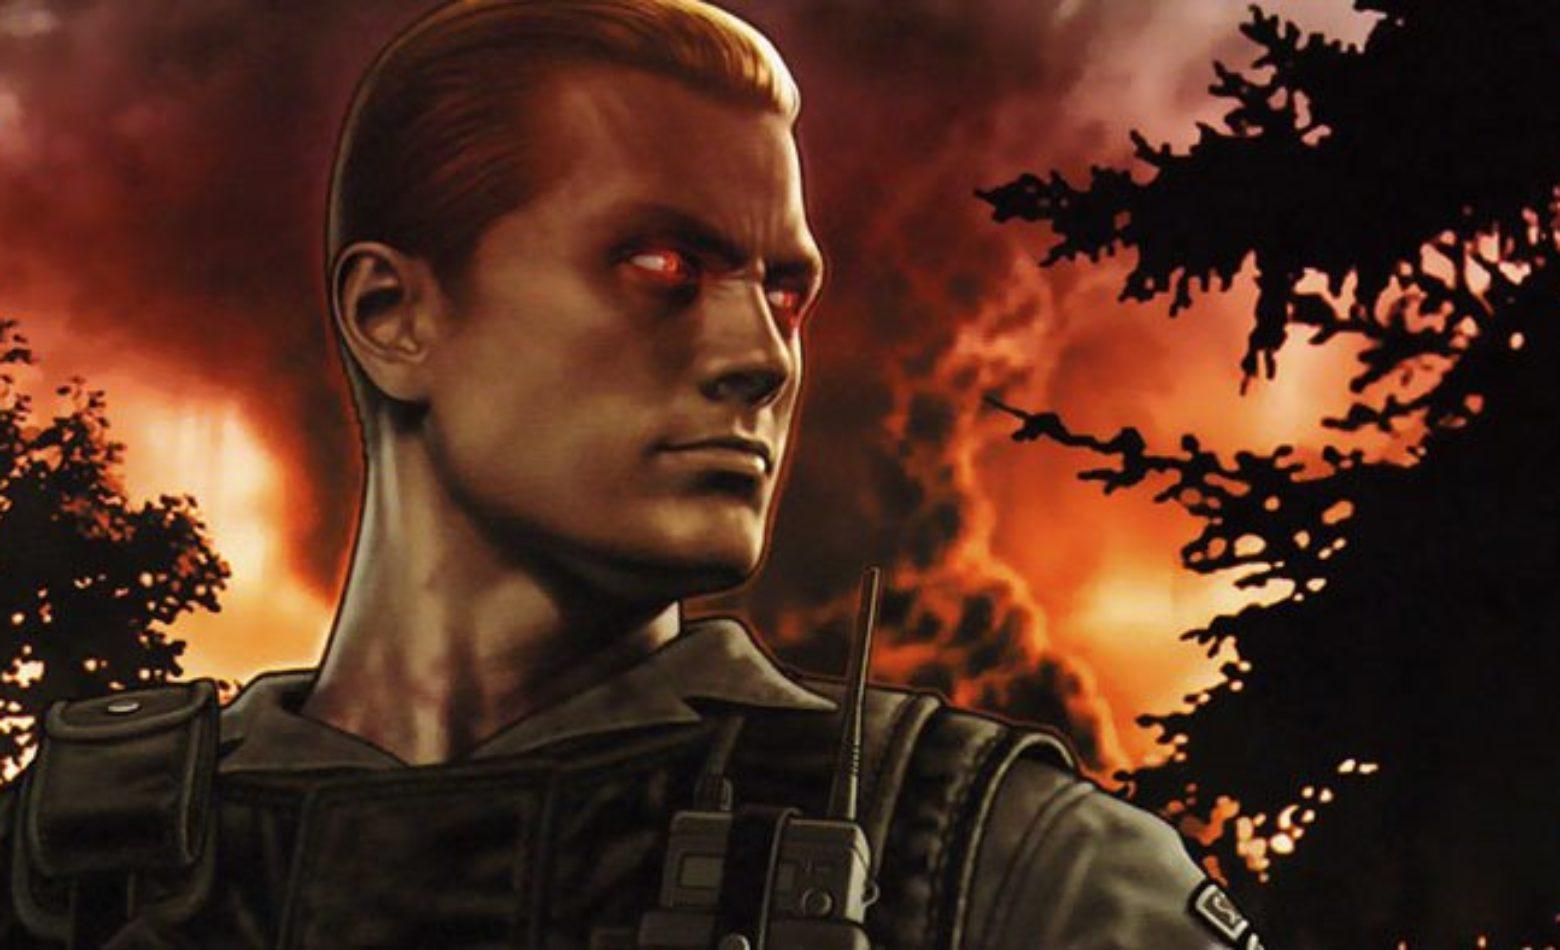 O outro lado da moeda em Resident Evil: The Umbrella Chronicles [Gameplay]